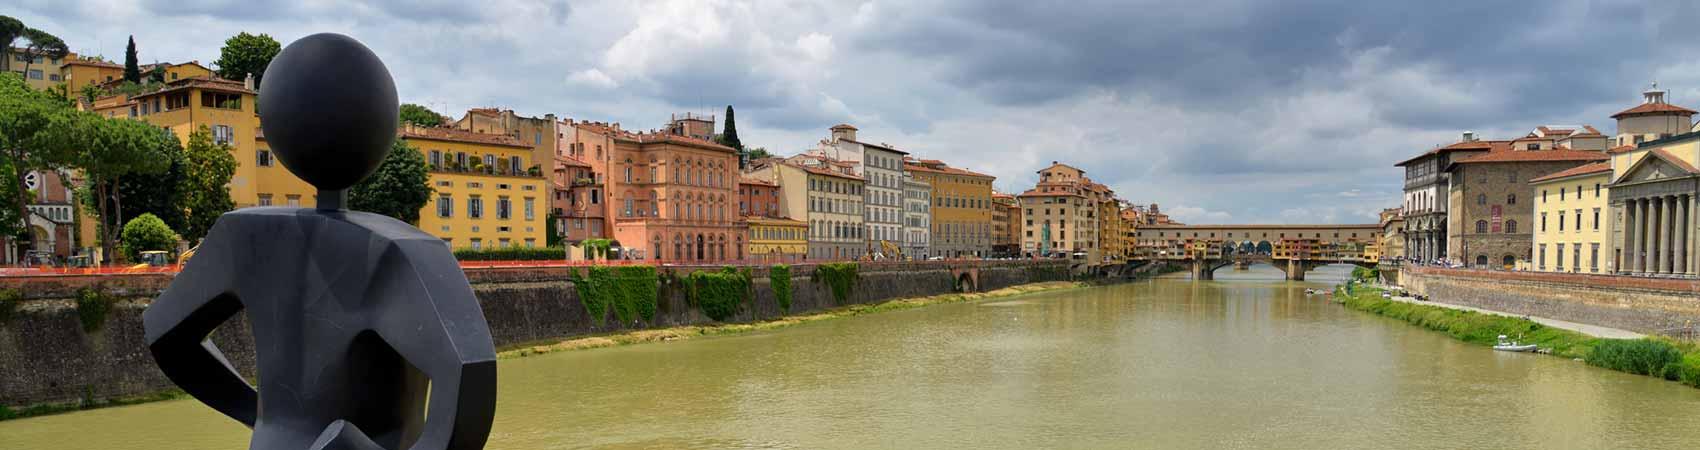 Vacances pas chères en Italie